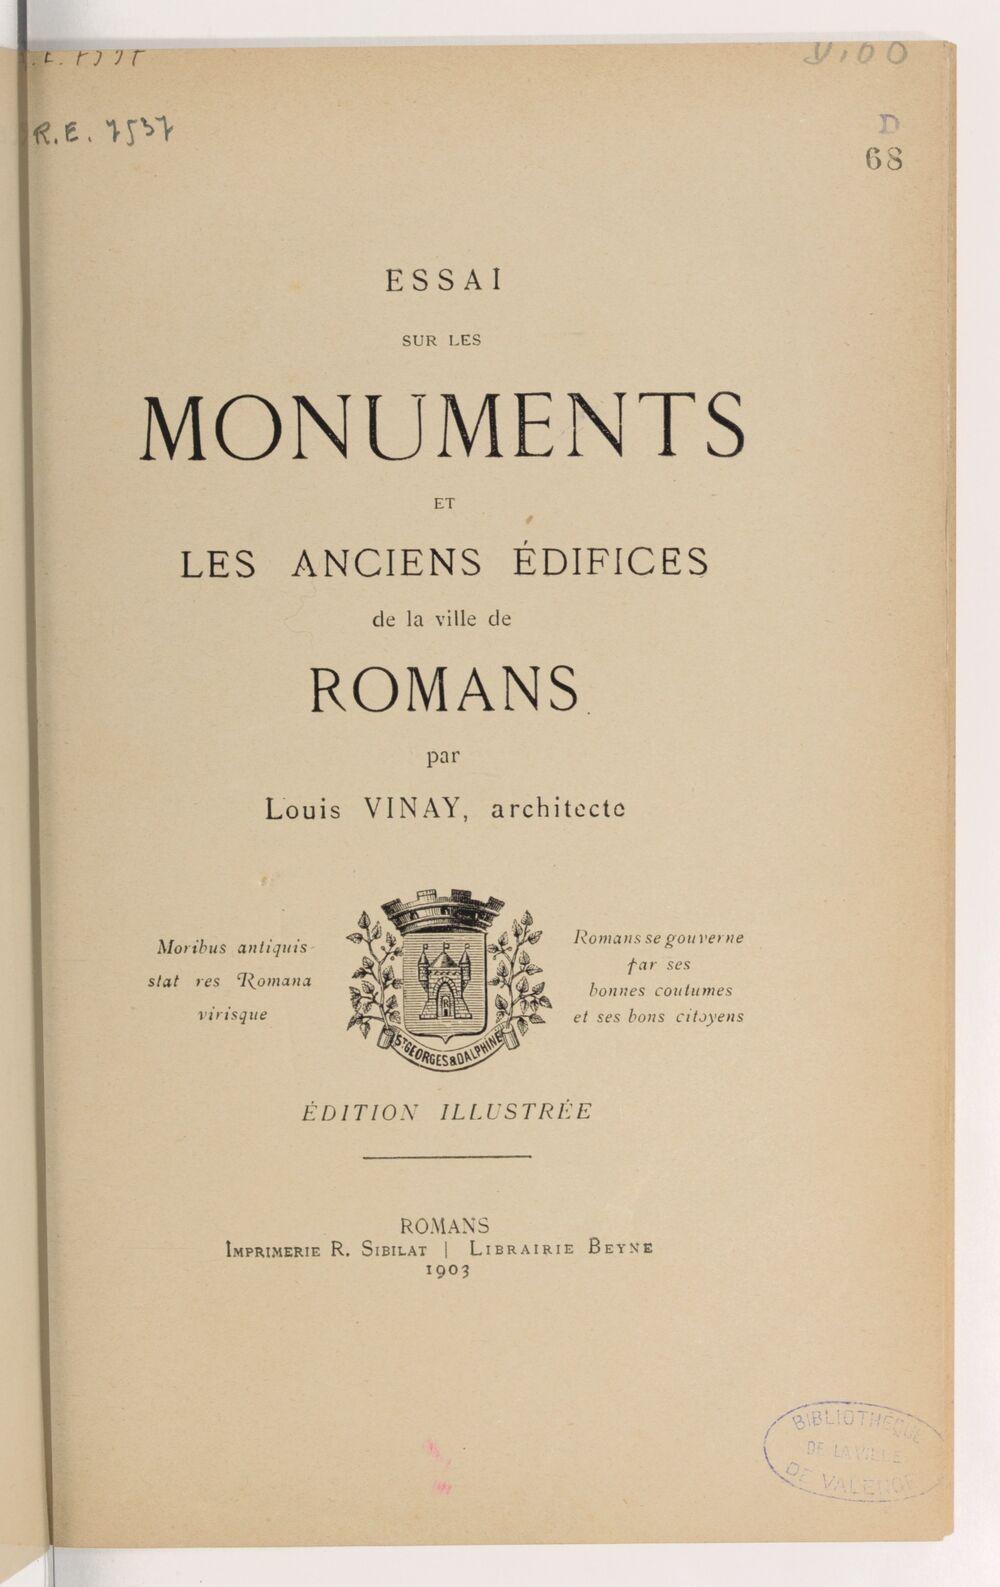 Essai sur les monuments et les anciens édifices de la ville de Romans (Éd. illustrée) / par Louis Vinay,...